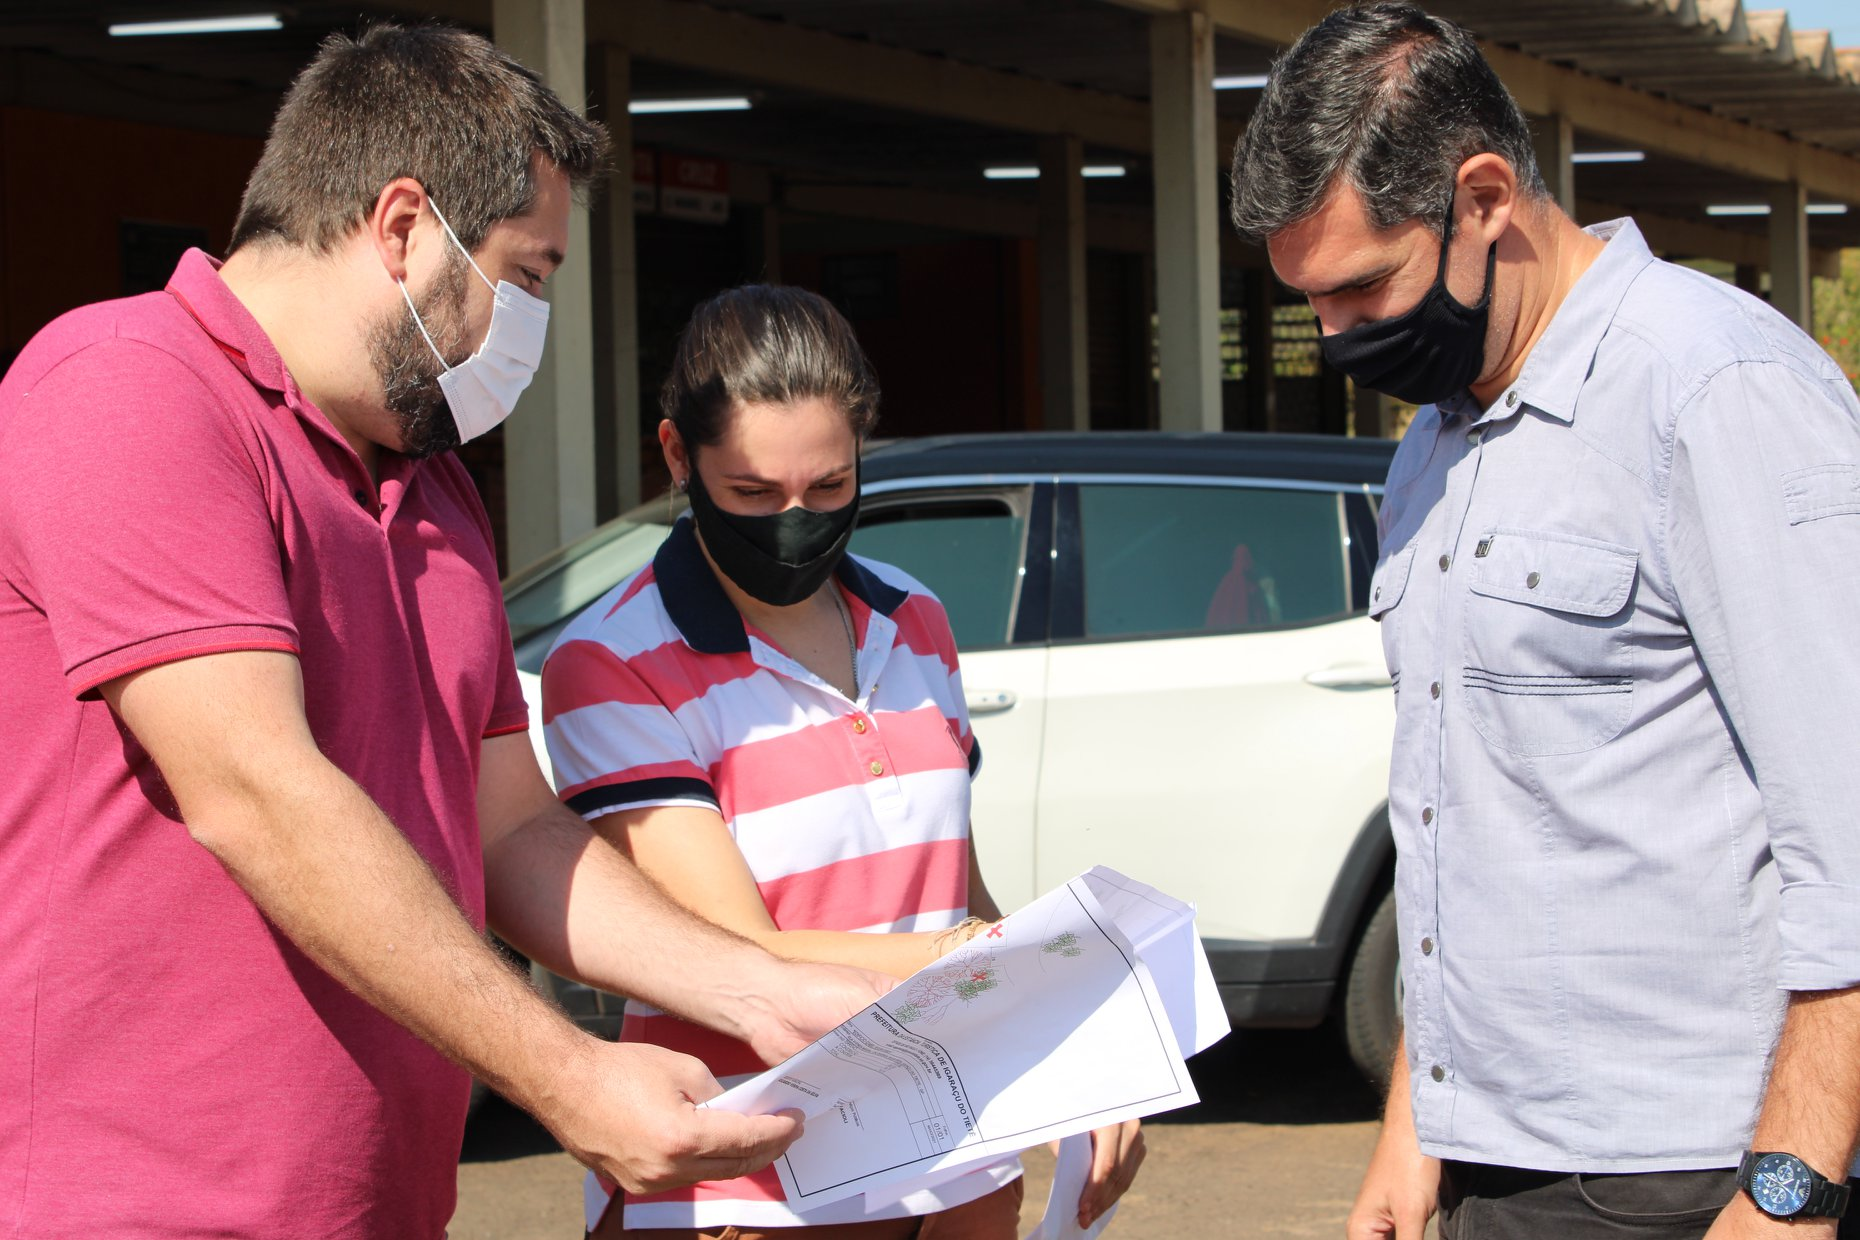 Nova rodoviária em Igaraçu do Tietê contará com posto policial